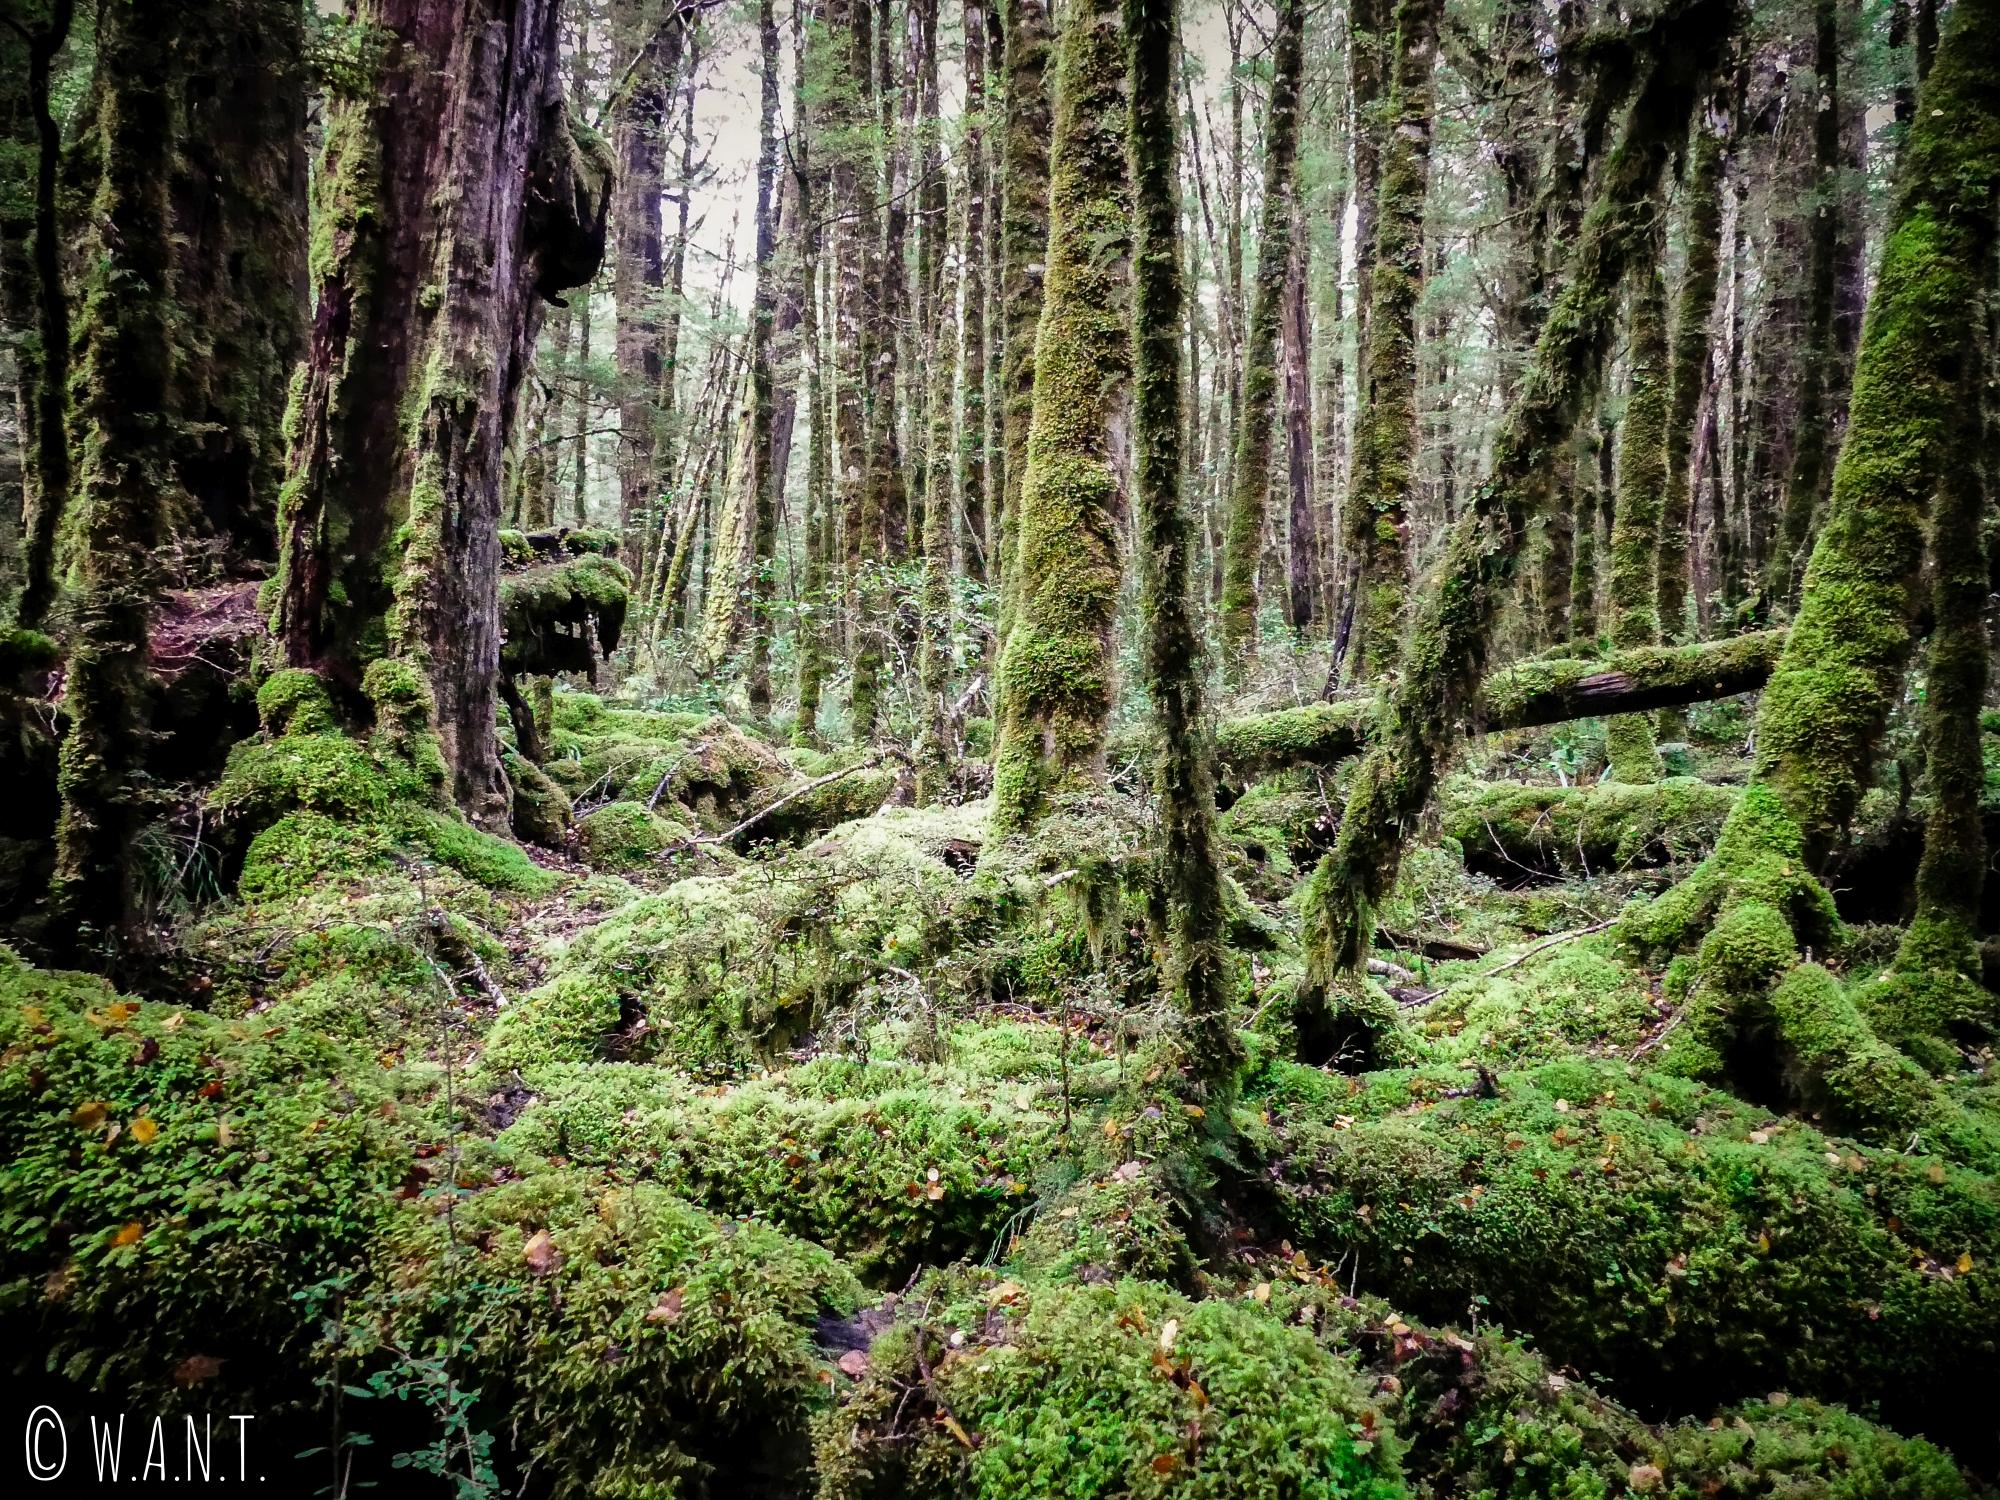 Benjamin se croirait dans la forêt de Fangorn durant notre randonnée au Gunn Lake en Nouvelle-Zélande